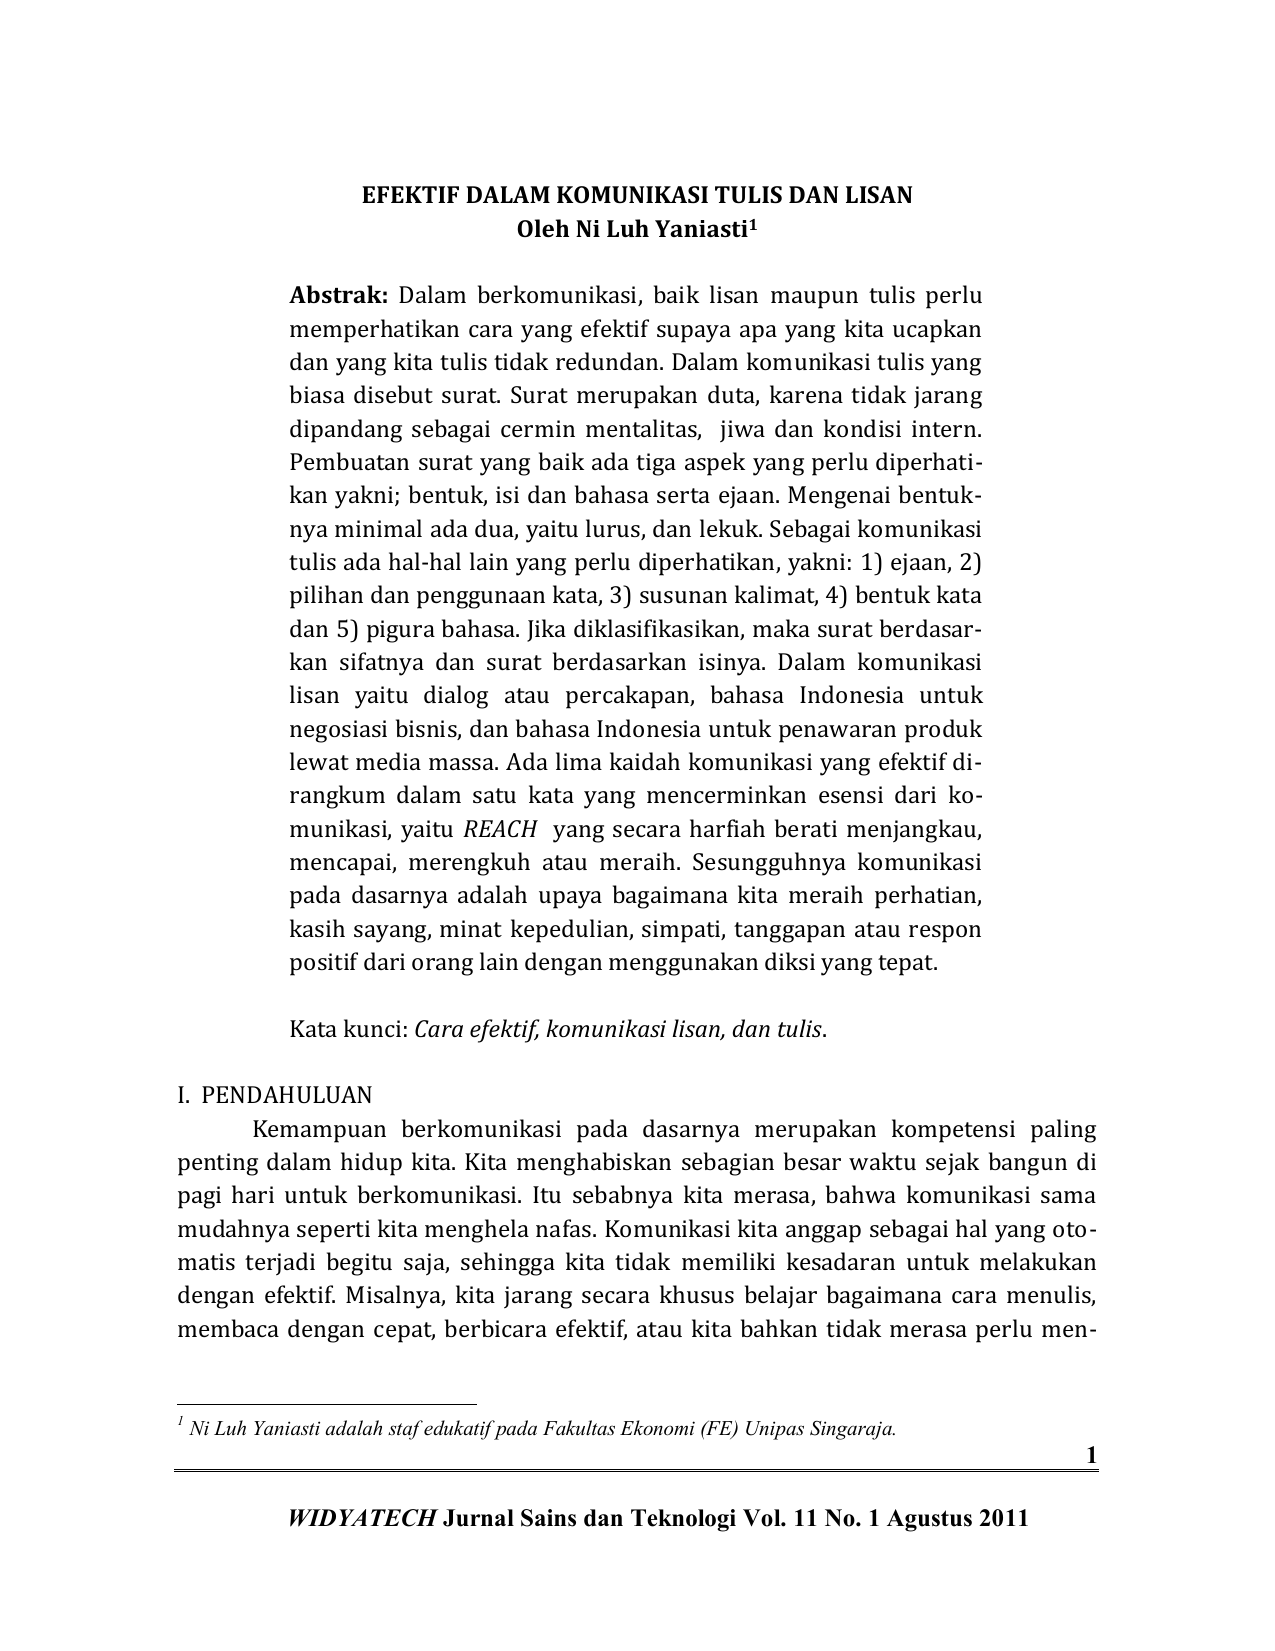 Cara Efektif Dalam Komunikasi Tulis Dan Lisan